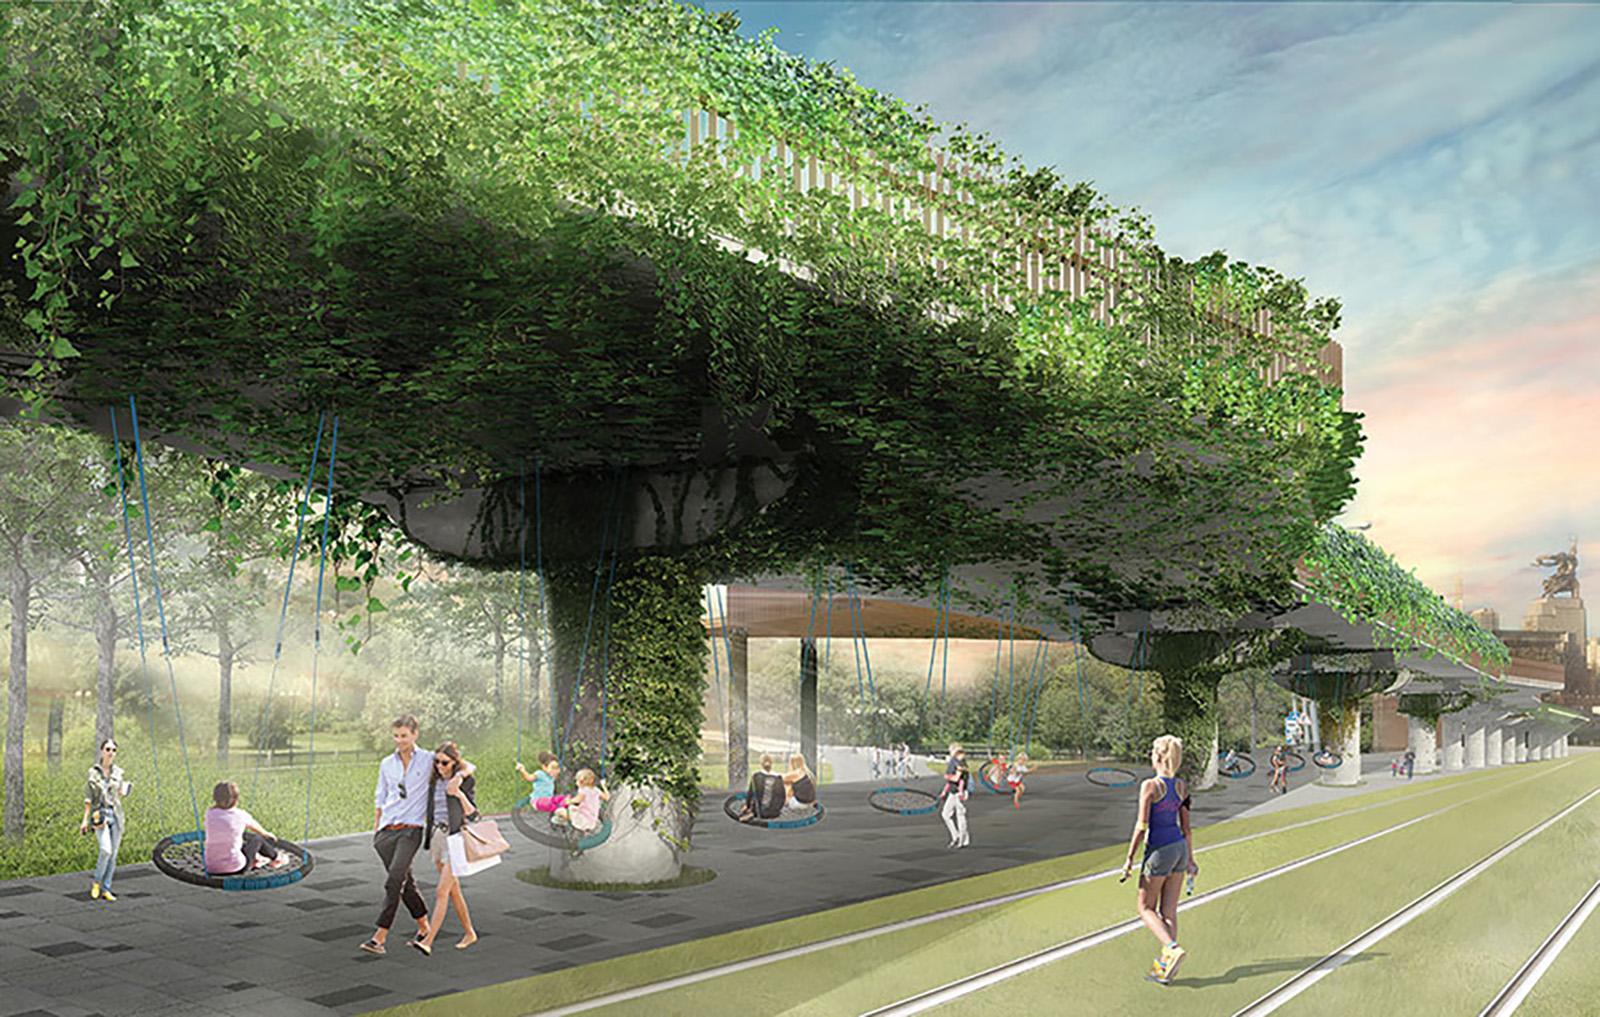 На участке от «ВДНХ» до Продольного проезда расположится культурная зона с висячими садами. Здесь предусмотрены гамаки, качели, световые инсталляции, а также фуд-корт и площадка для паркура